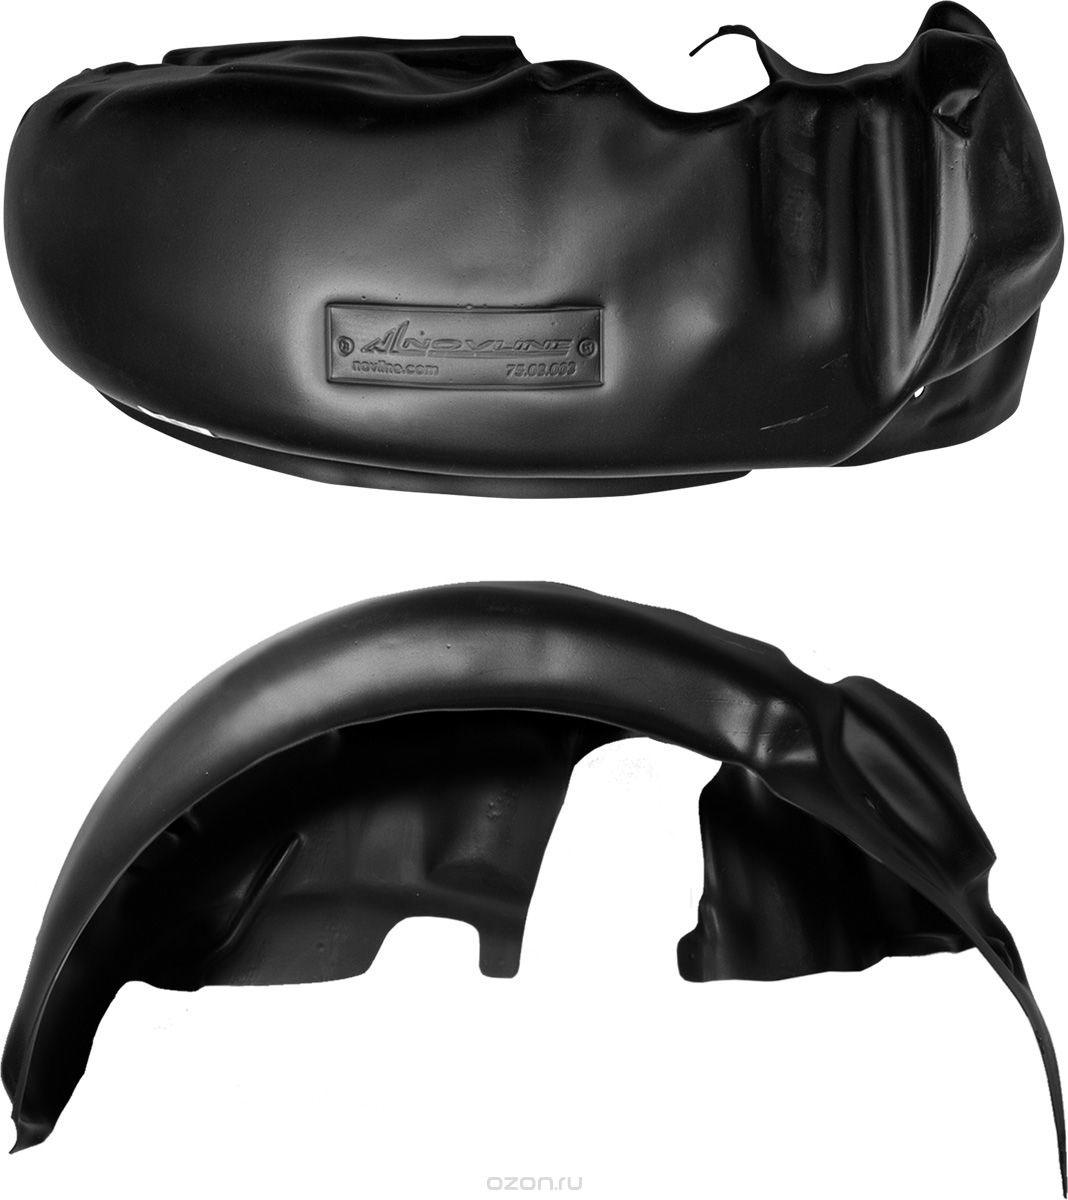 Подкрылок Novline-Autofamily, для FORD Fiesta, 2015->, хэтчбек, задний левыйIRK-503Идеальная защита колесной ниши. Локеры разработаны с применением цифровых технологий, гарантируют максимальную повторяемость поверхности арки. Изделия устанавливаются без нарушения лакокрасочного покрытия автомобиля, каждый подкрылок комплектуется крепежом. Уважаемые клиенты, обращаем ваше внимание, что фотографии на подкрылки универсальные и не отражают реальную форму изделия. При этом само изделие идет точно под размер указанного автомобиля.